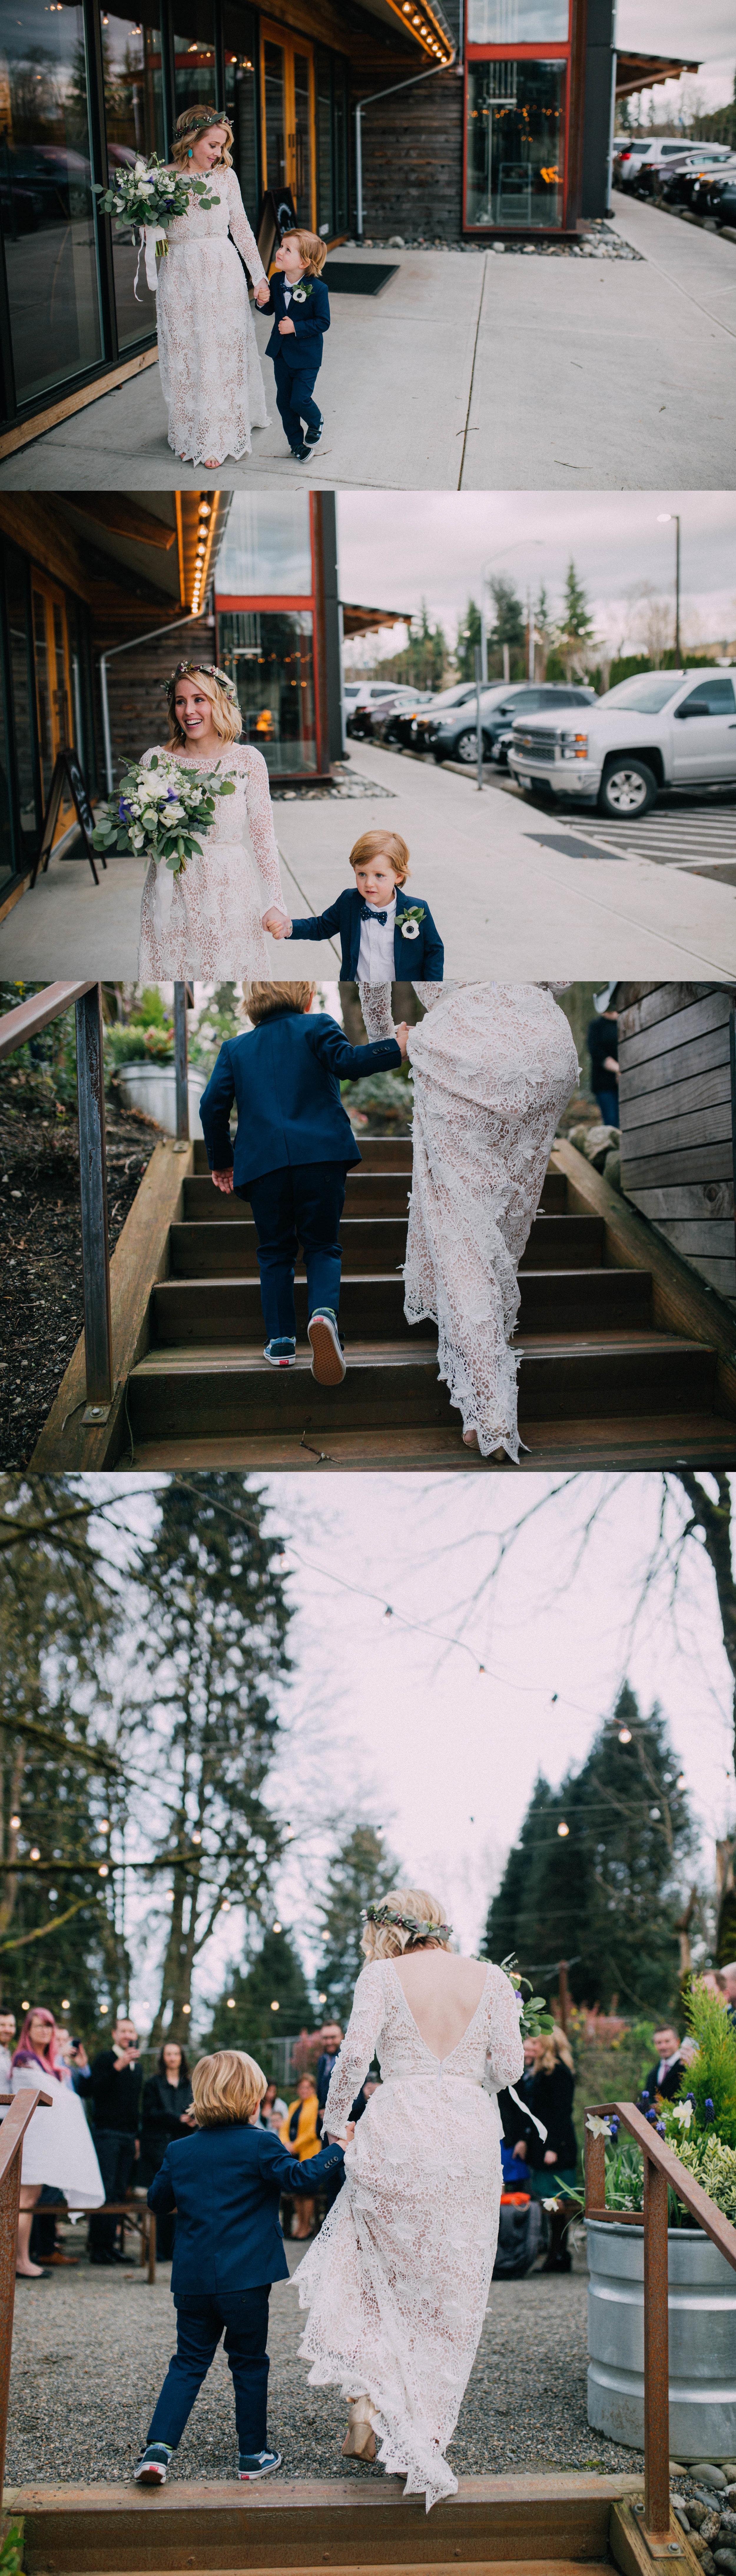 woodinville whiskey company wedding seattle wedding photographer washington-24.jpg